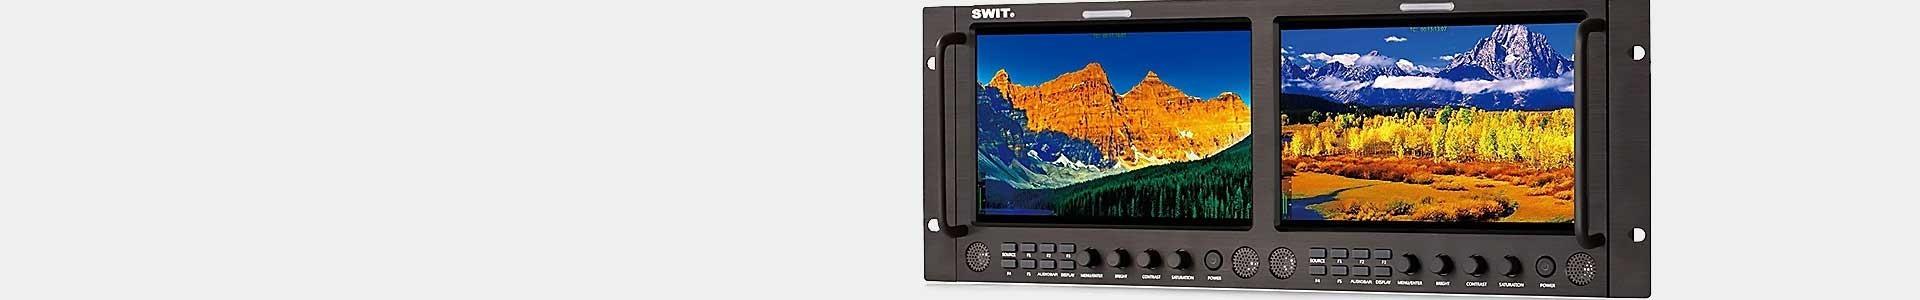 Monitor Video professionali Multischermo - Avacab